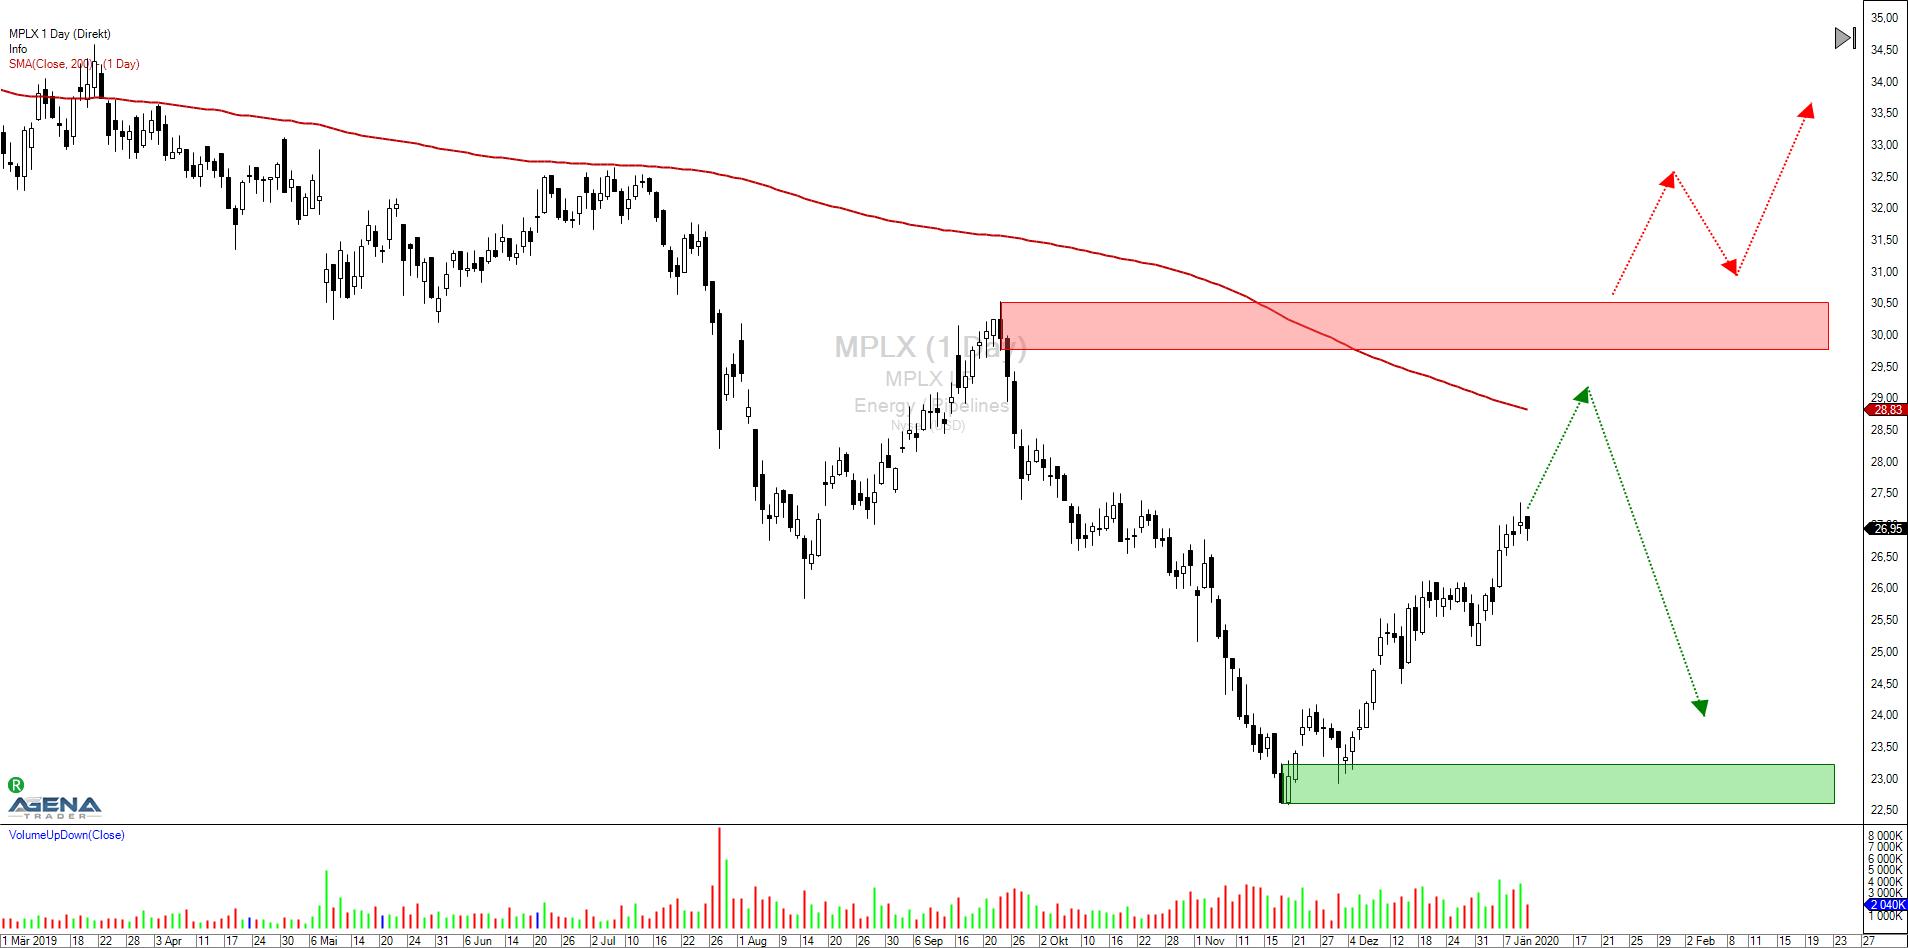 MPLX LP (MPLX): Geht runter wie Öl